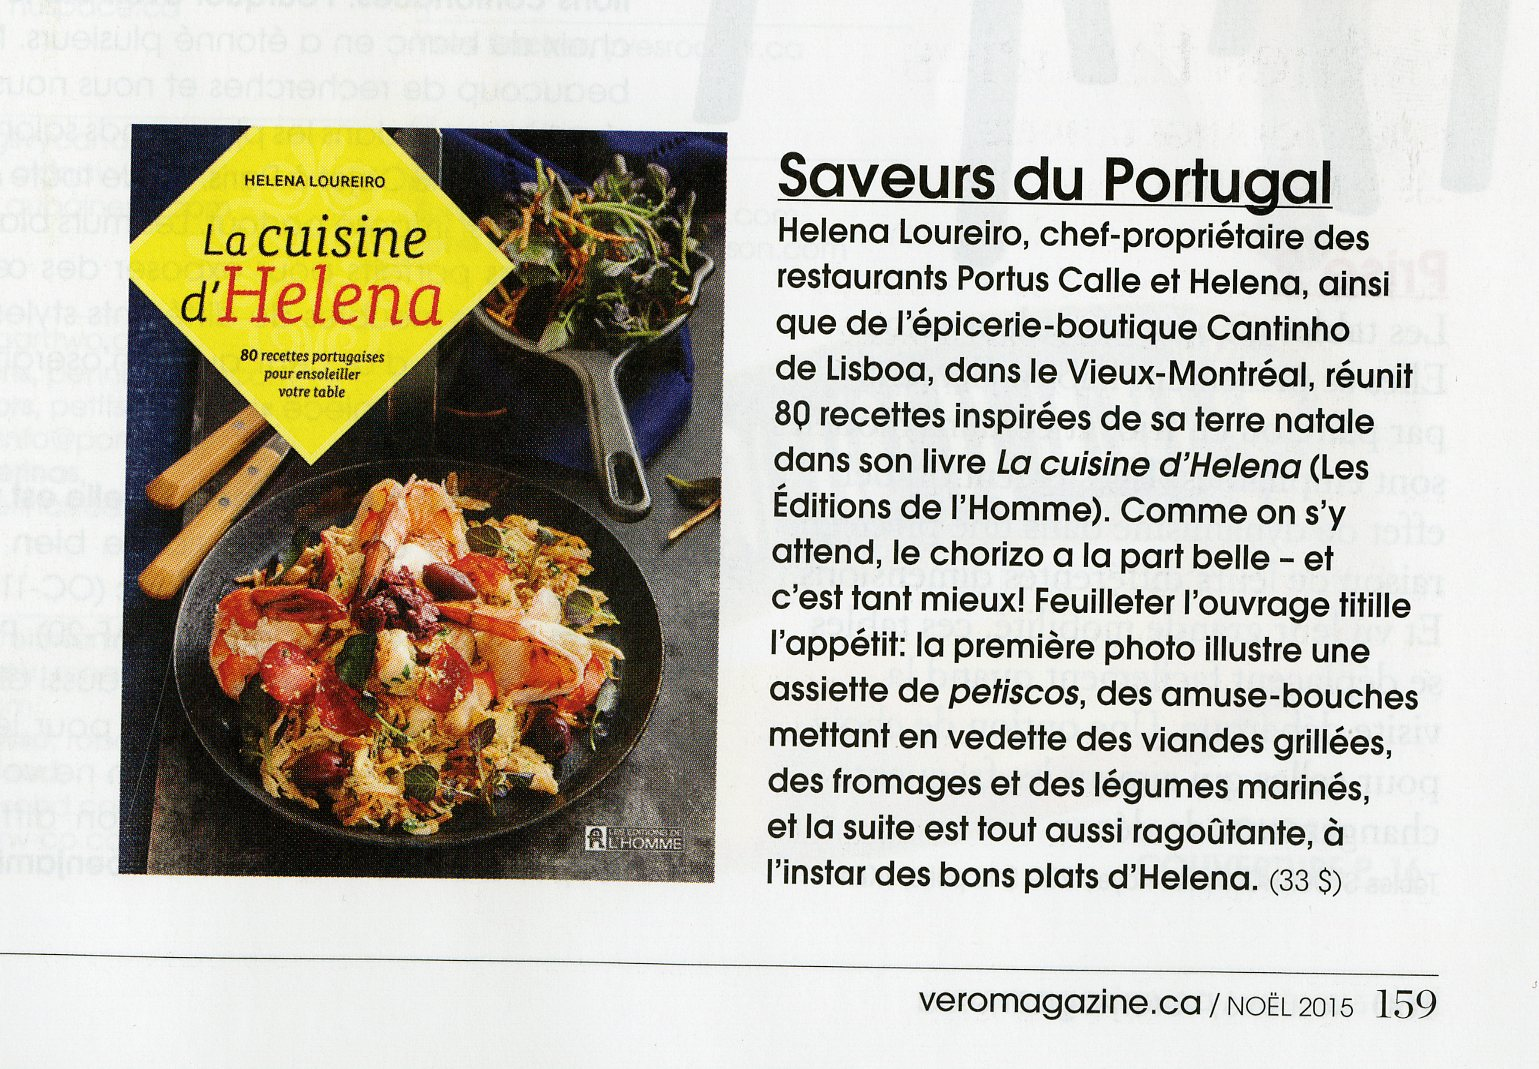 livre la cuisine d 39 helena 80 recettes portugaises pour ensoleiller votre table les ditions. Black Bedroom Furniture Sets. Home Design Ideas